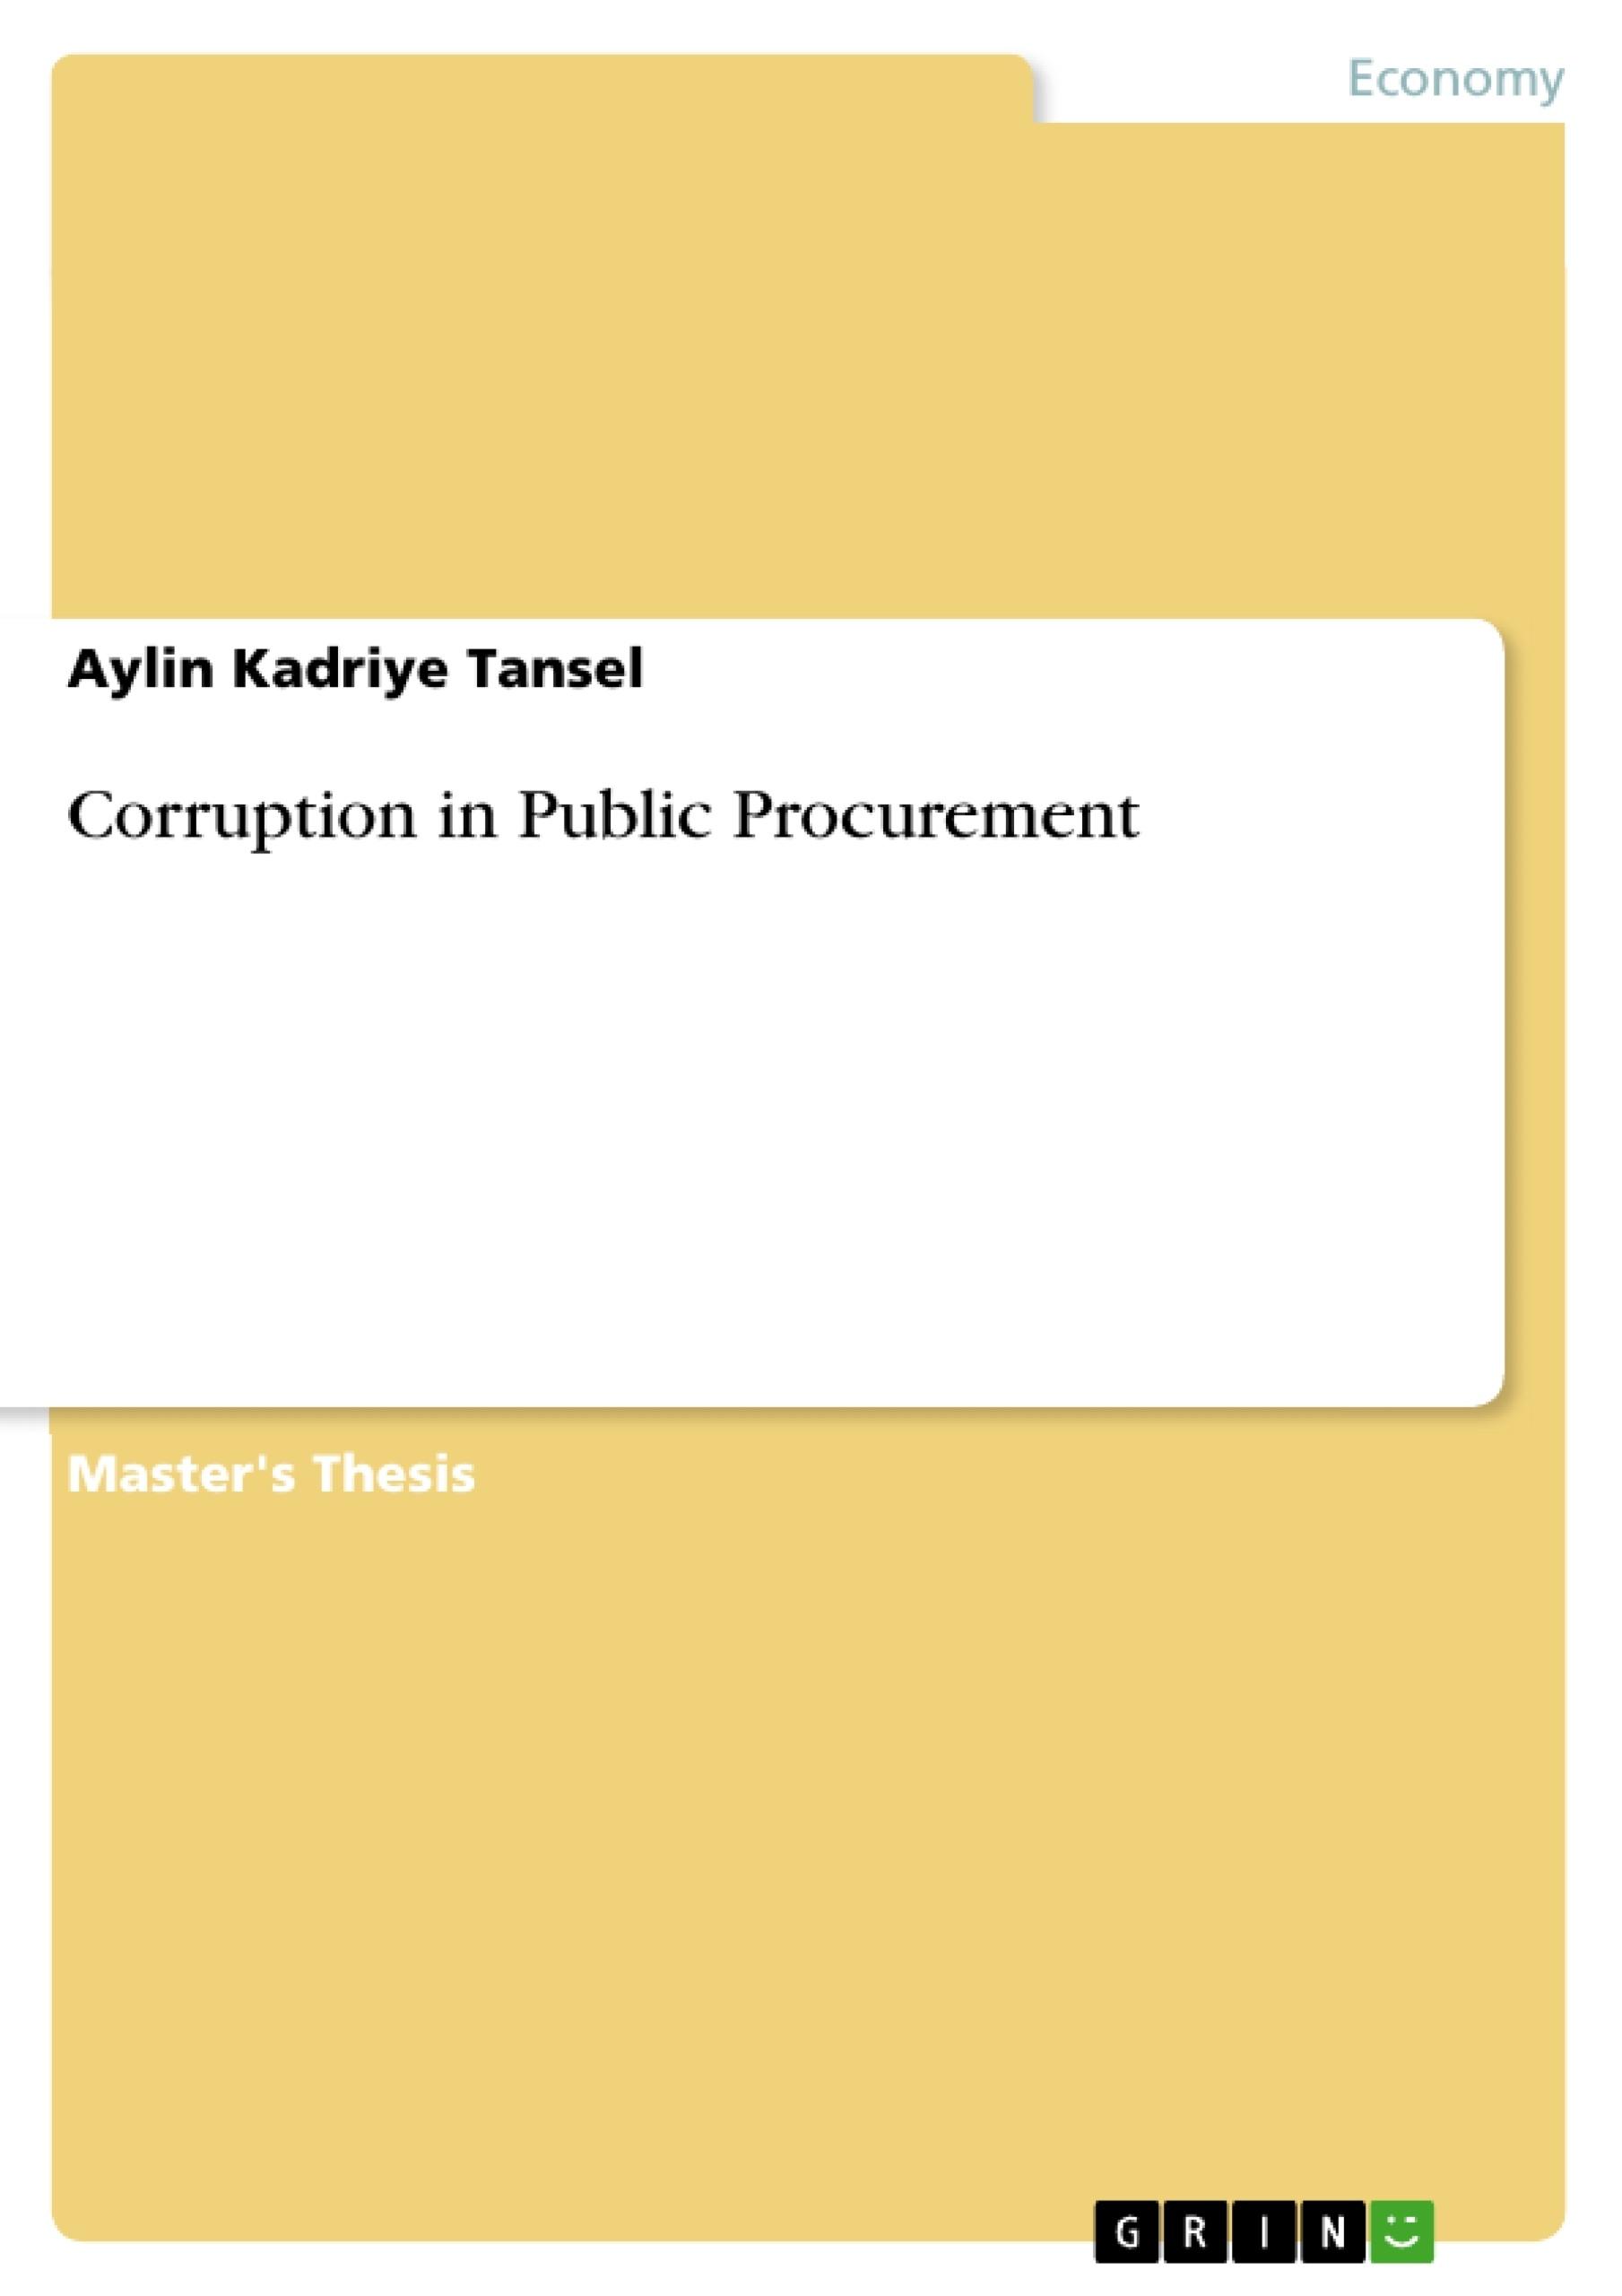 Title: Corruption in Public Procurement